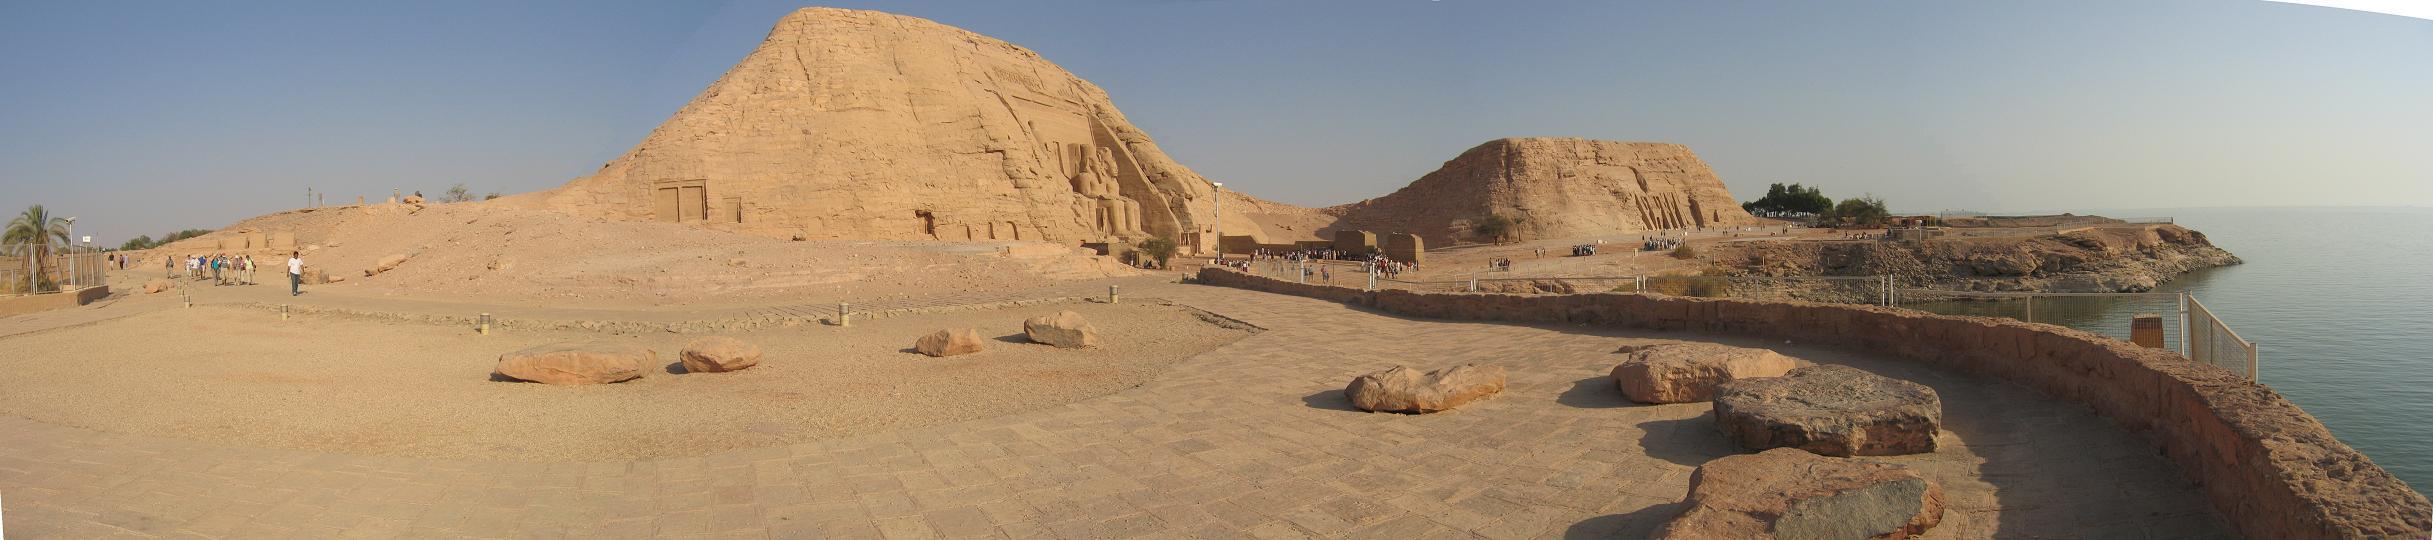 Egypt_abusimbel3